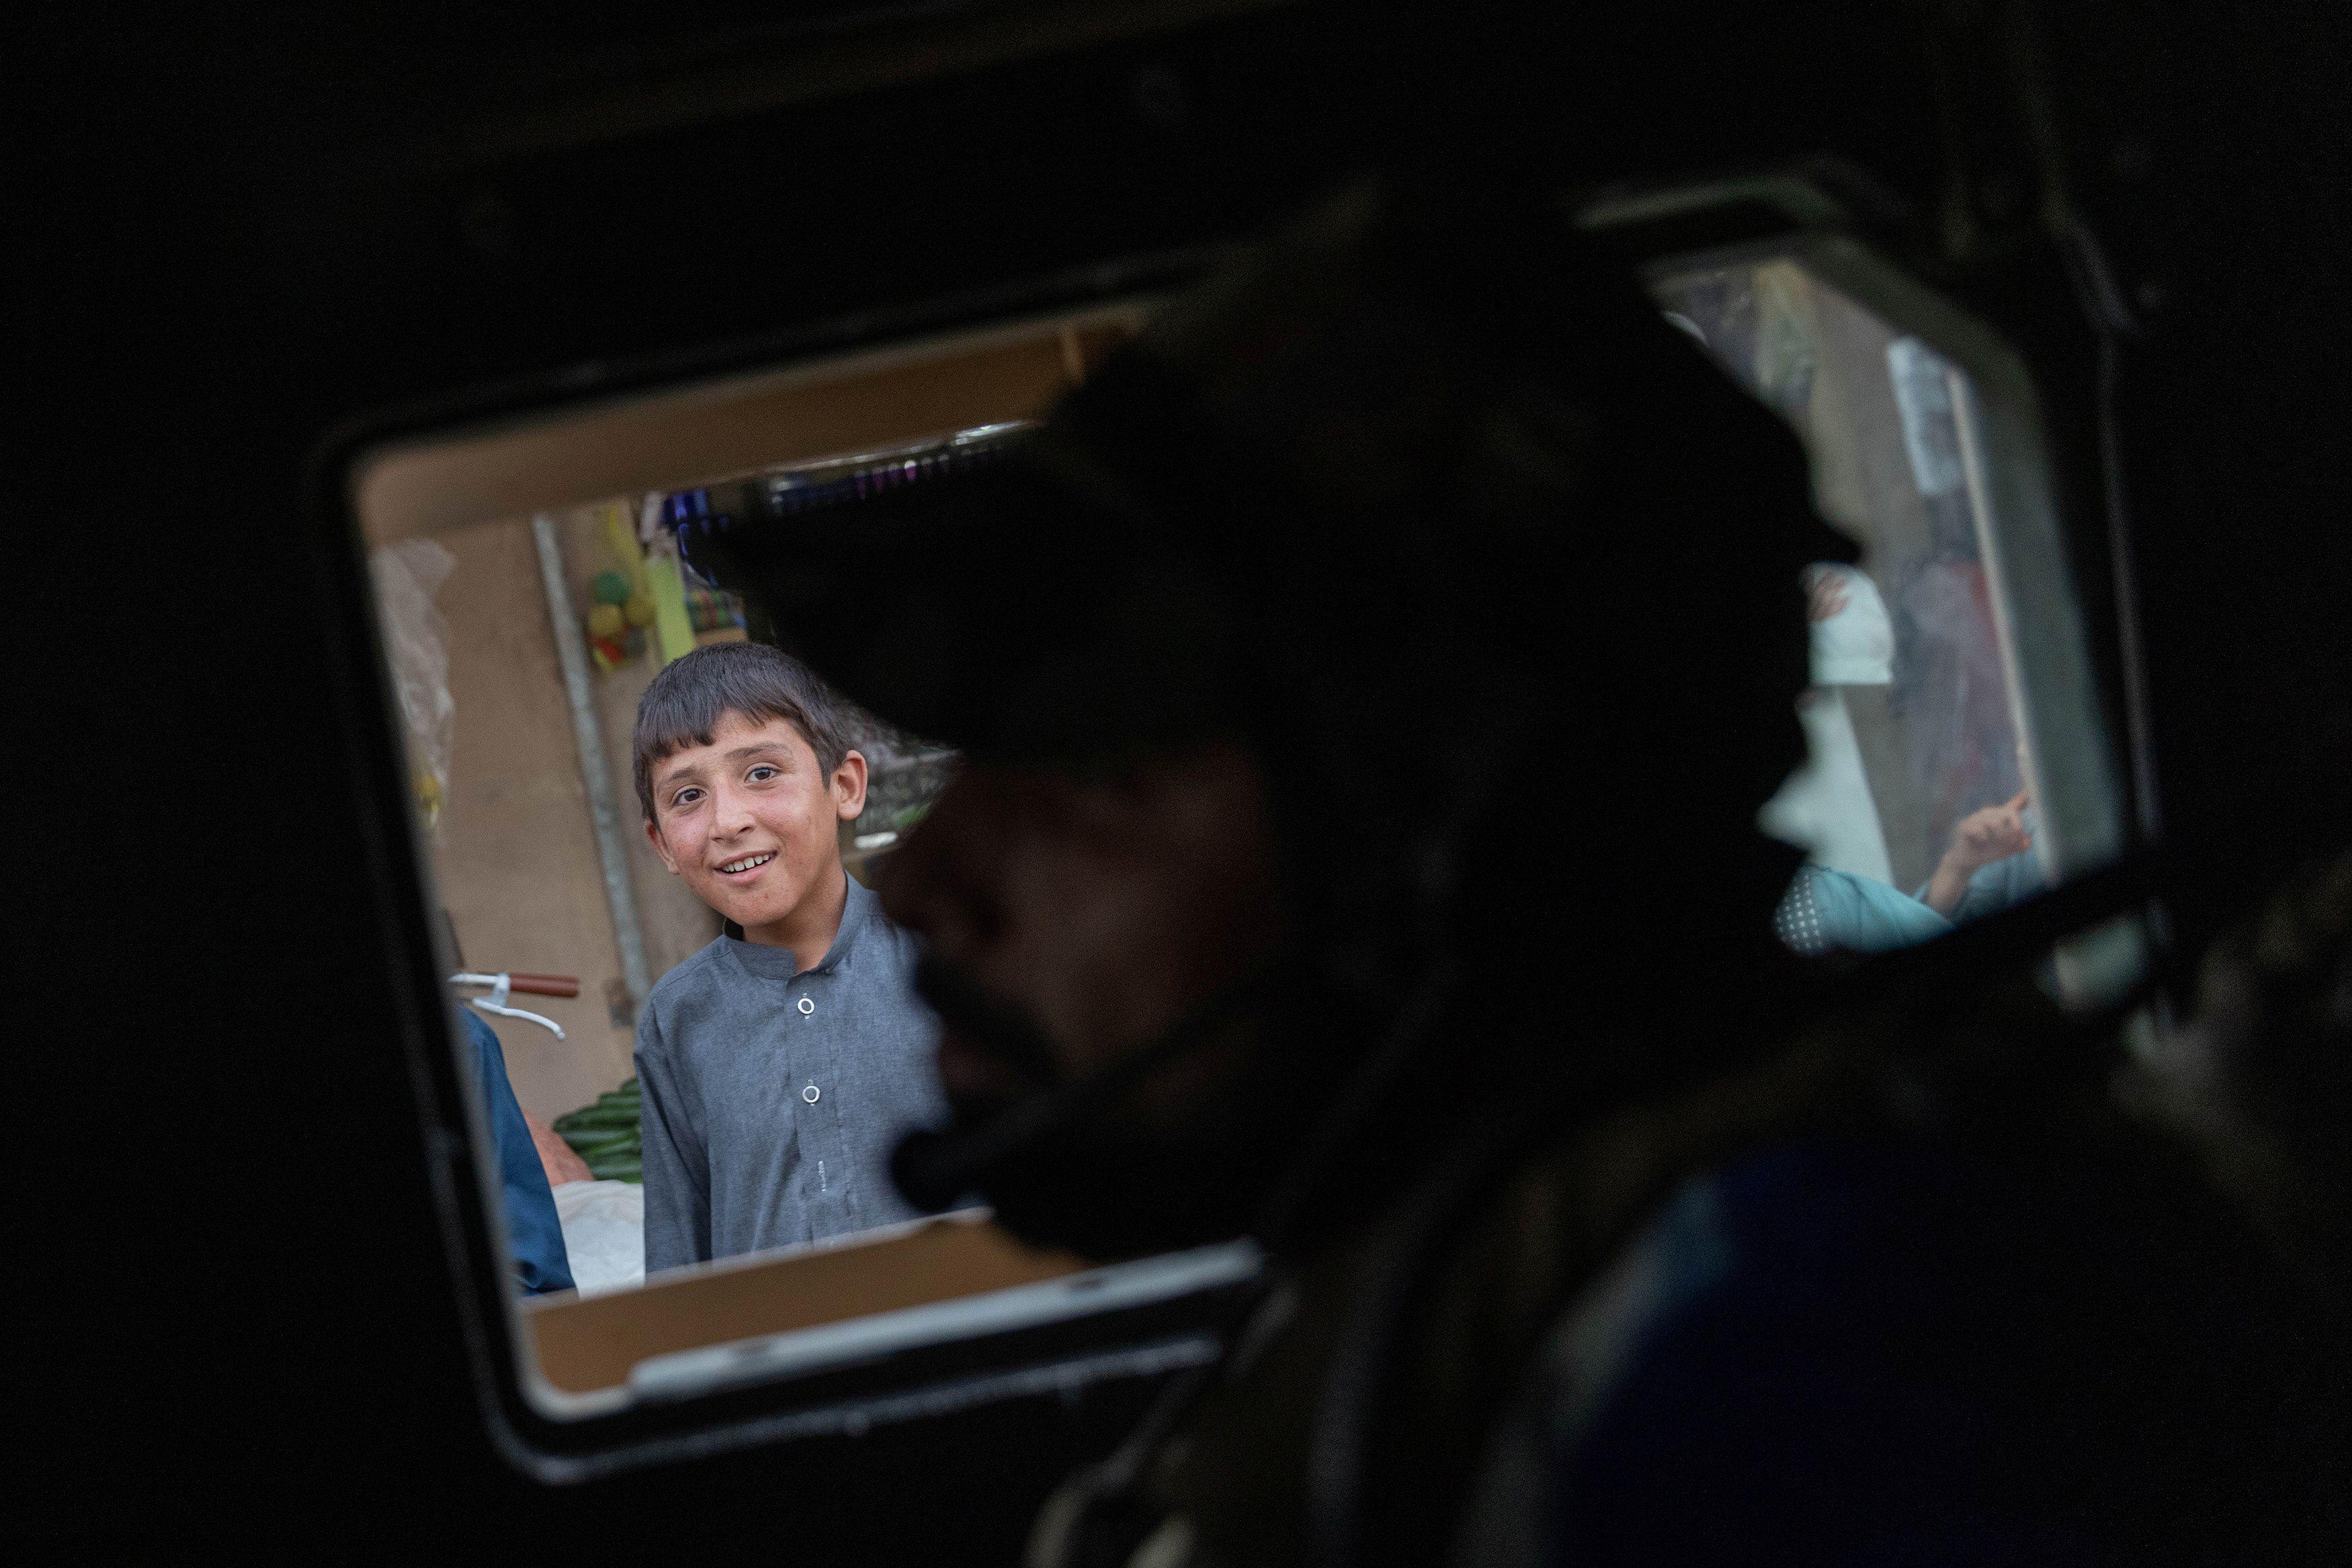 Un niño observa cómo el convoy de las fuerzas especiales afganas pasa por un mercado durante una misión de combate contra los talibanes, en la provincia de Kandahar, Afganistán, el 12 de julio de 2021. Foto tomada el 12 de julio de 2021.